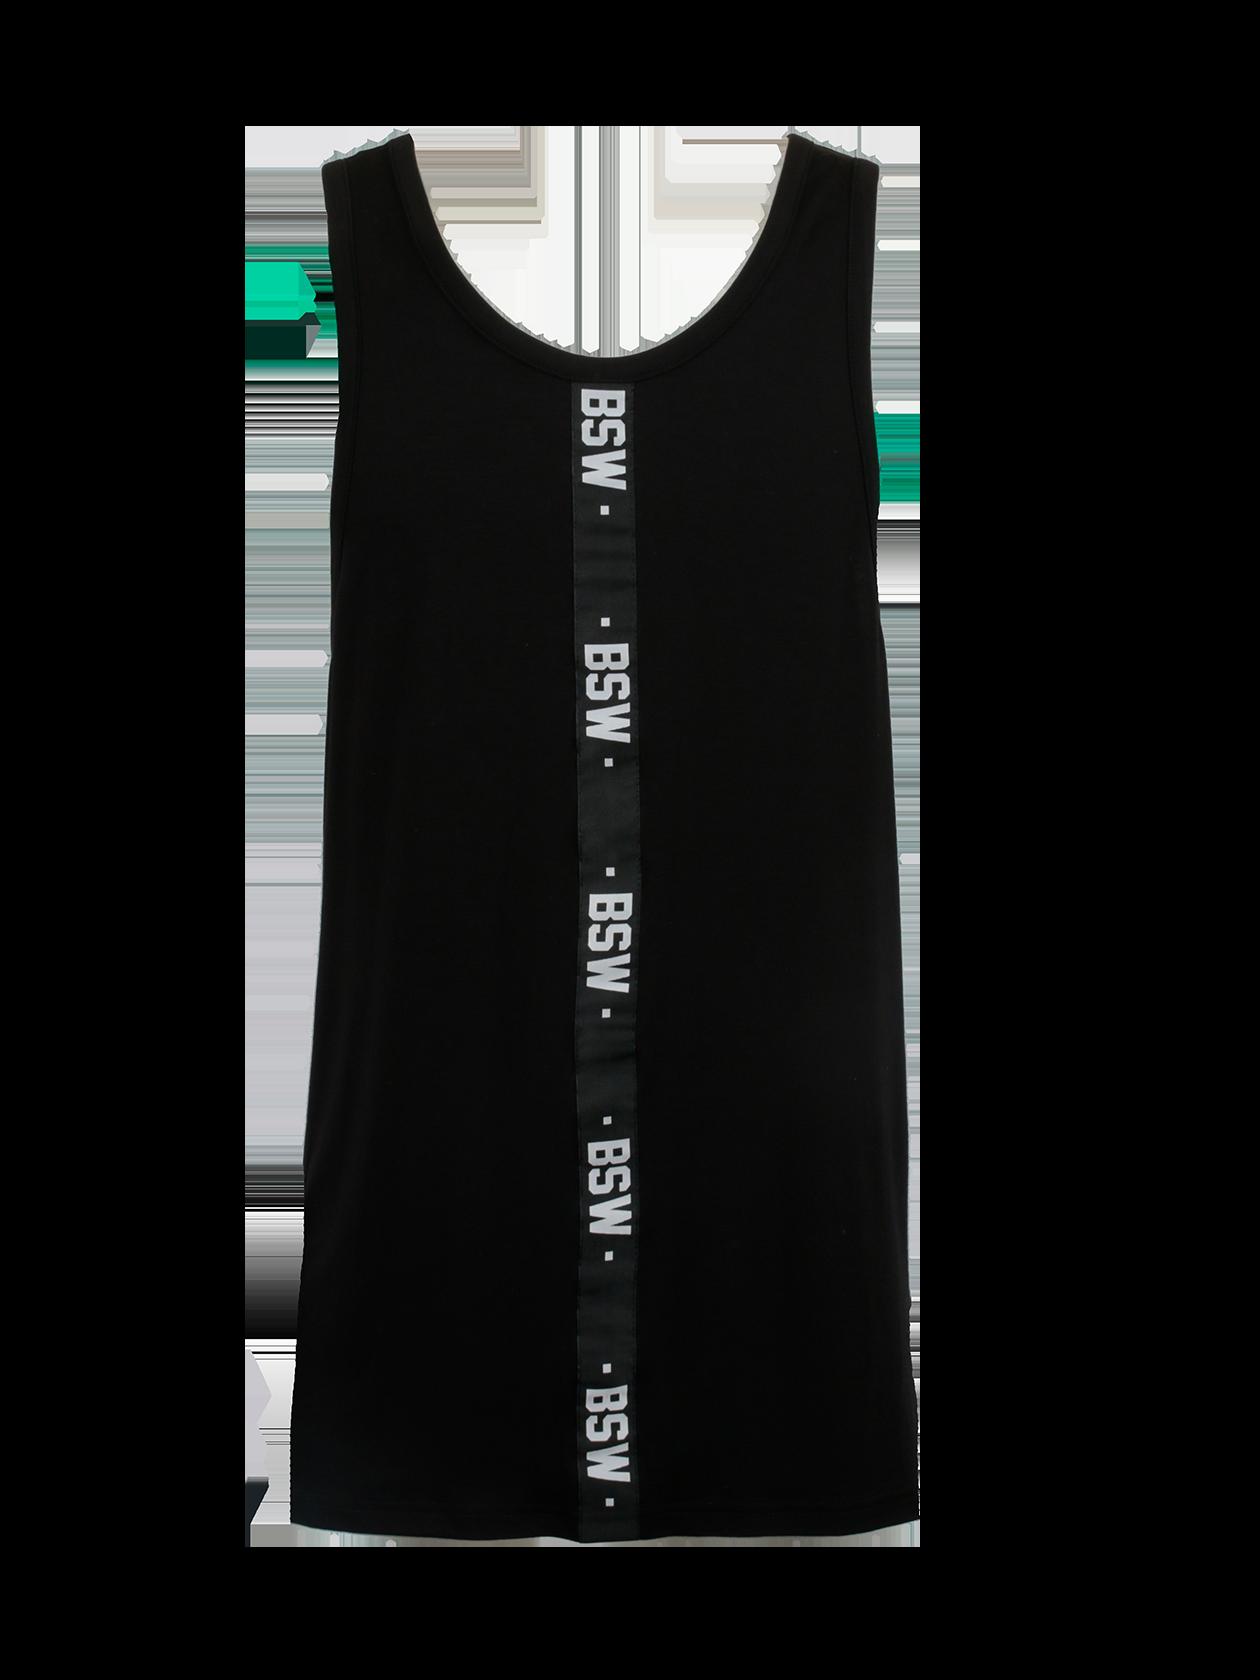 Майка мужская HARAJUKU 2.0Стильная мужская майка Harajuku 2.0 поможет разнообразить повседневный лук. Модель спортивного типа обладает прямым свободным кроем, удлиненным силуэтом. Изделие представлено в базовых белой и черной расцветках, отлично сочетающихся с всевозможной одеждой и обувью. Дизайн дополнен черными вертикальными вставками с надписями BSW, оформленными по центру фронтальной и тыльной стороны. Майка сшита из натурального хлопка премиального качества, идеально подходит для спорта и отдыха.<br><br>Размер: XL<br>Цвет: Черный<br>Пол: Мужской